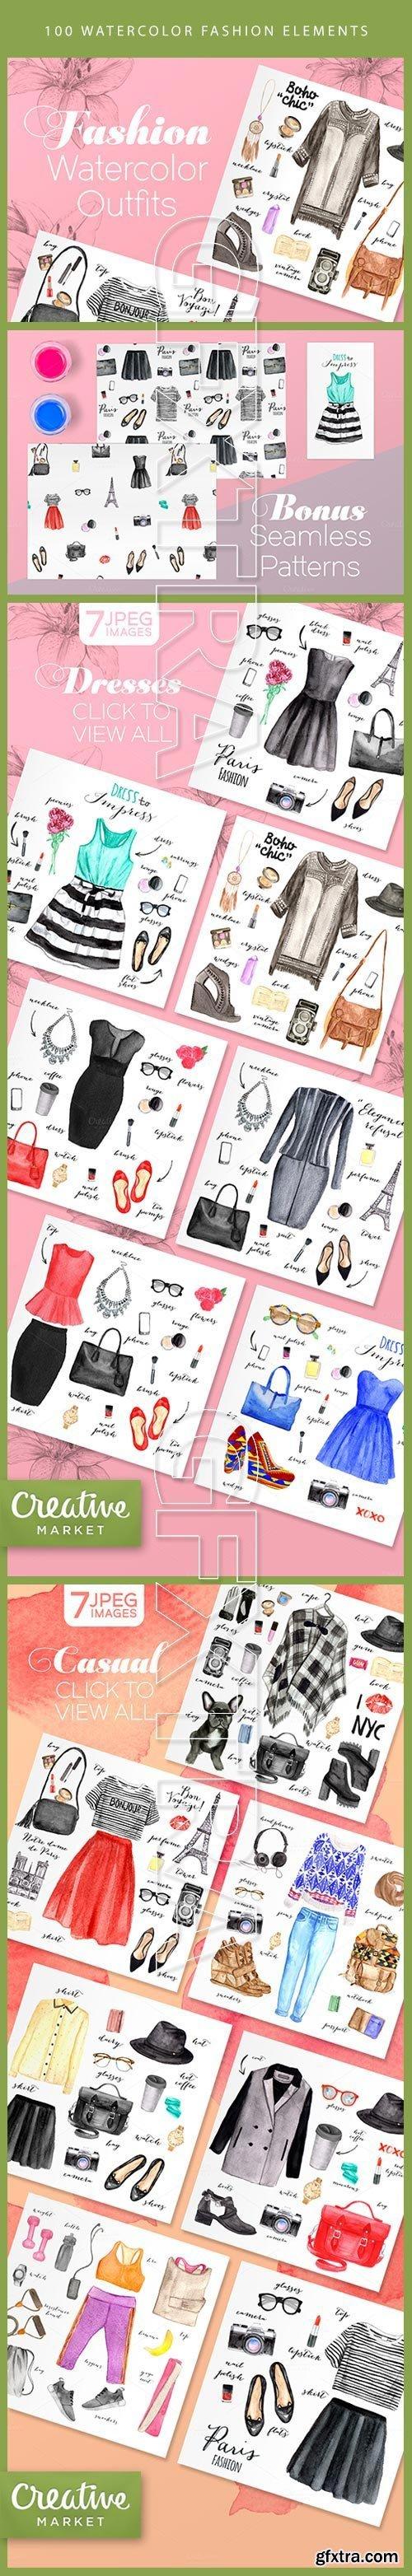 100 Watercolor Fashion Elements CM 141834